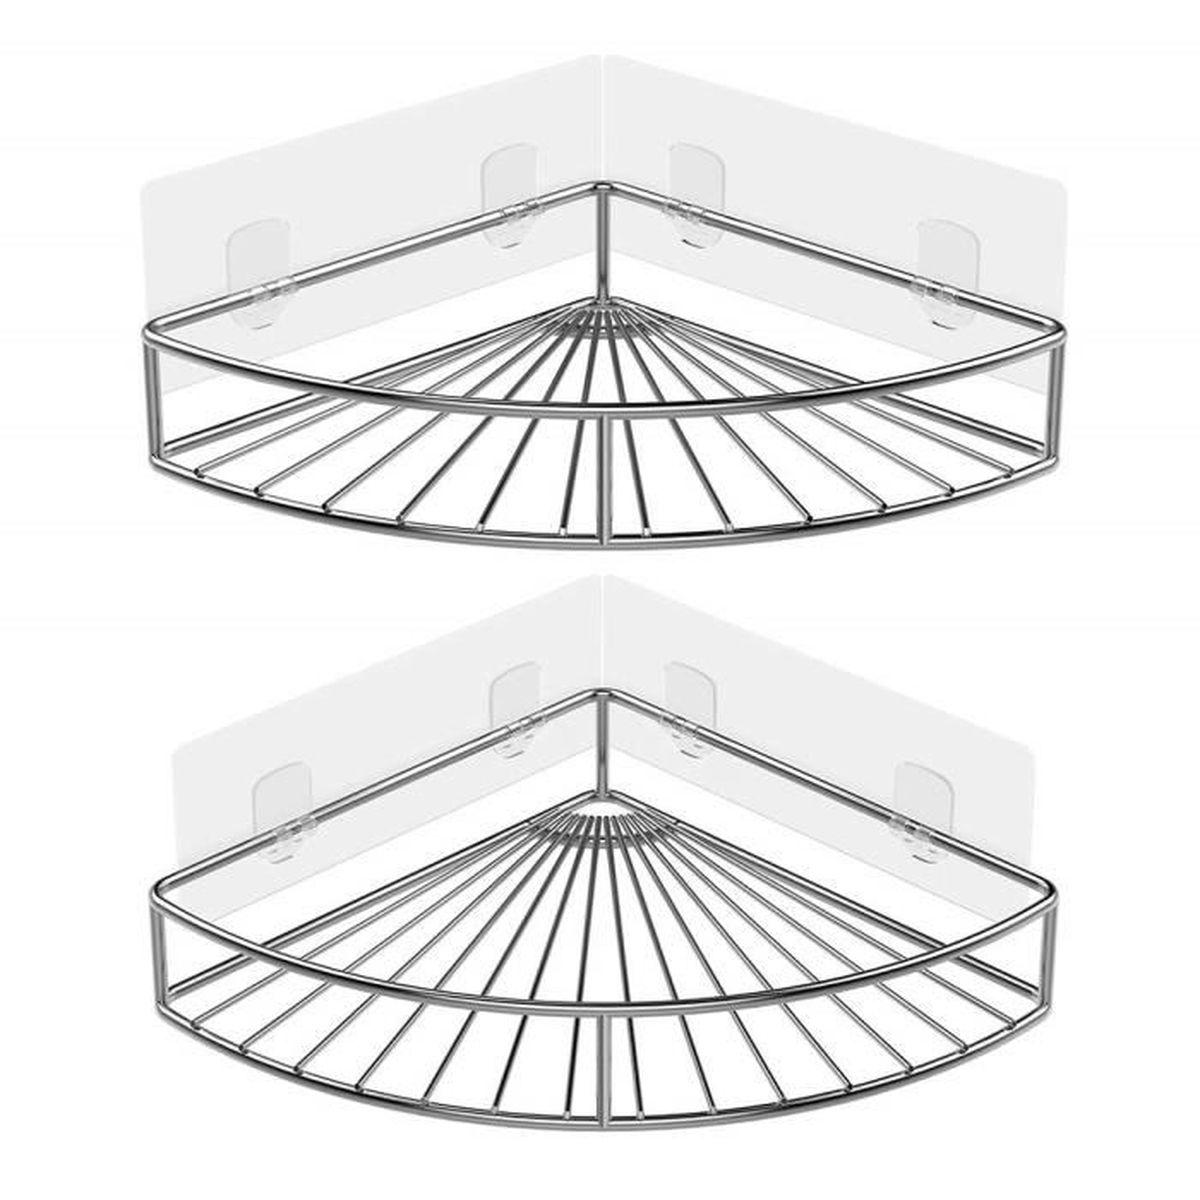 2pcs Adhésif étagère Dangle Serviteurs De Douche Salle De Bains Triangulaire Pour Rangement Acier Inoxydable Sans Percer